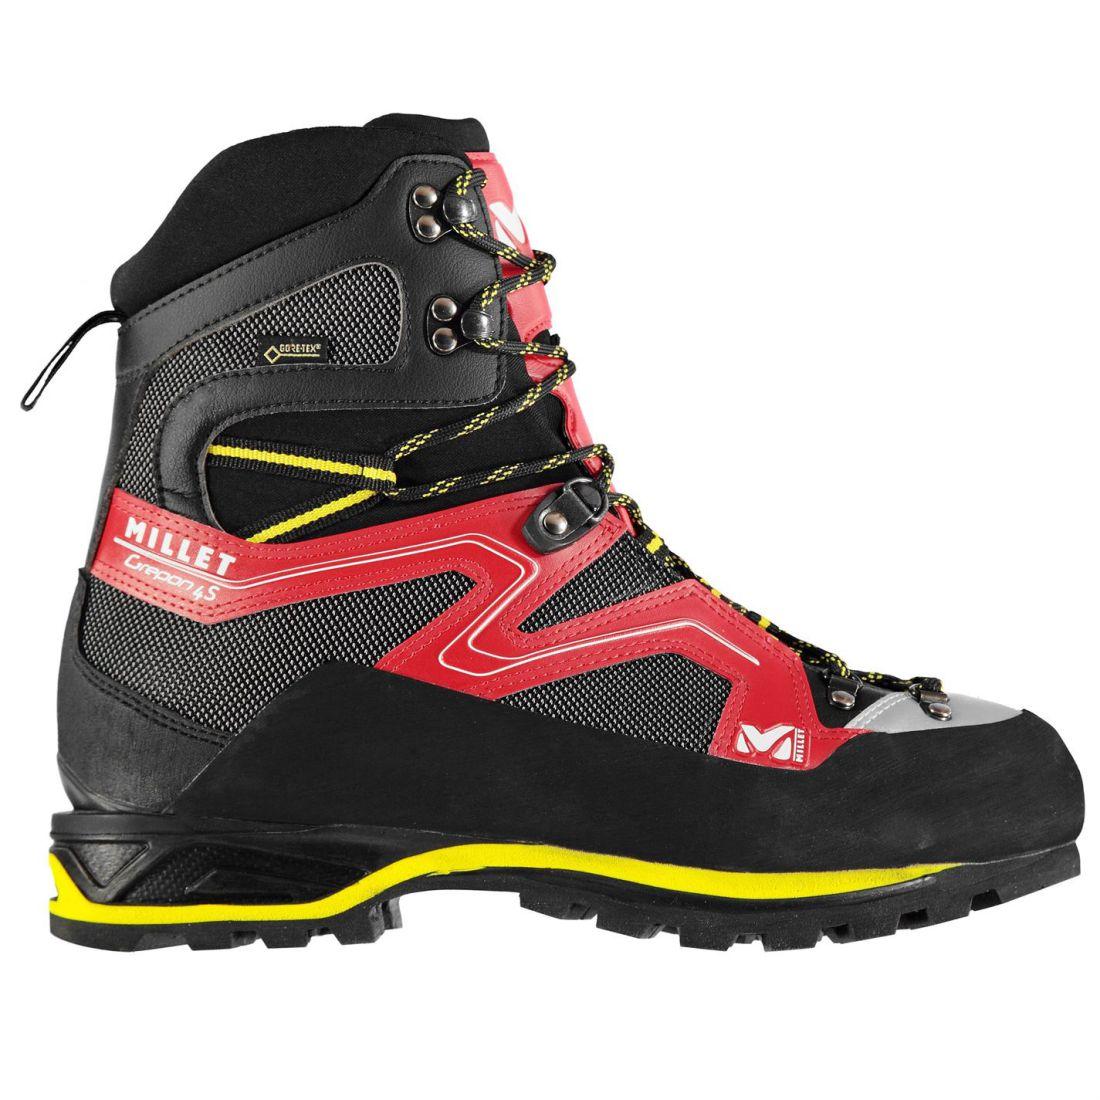 Mijo  Grepon Caminar botas Para Hombres Caballeros Cordones atados Ventilado repelente al agua  barato